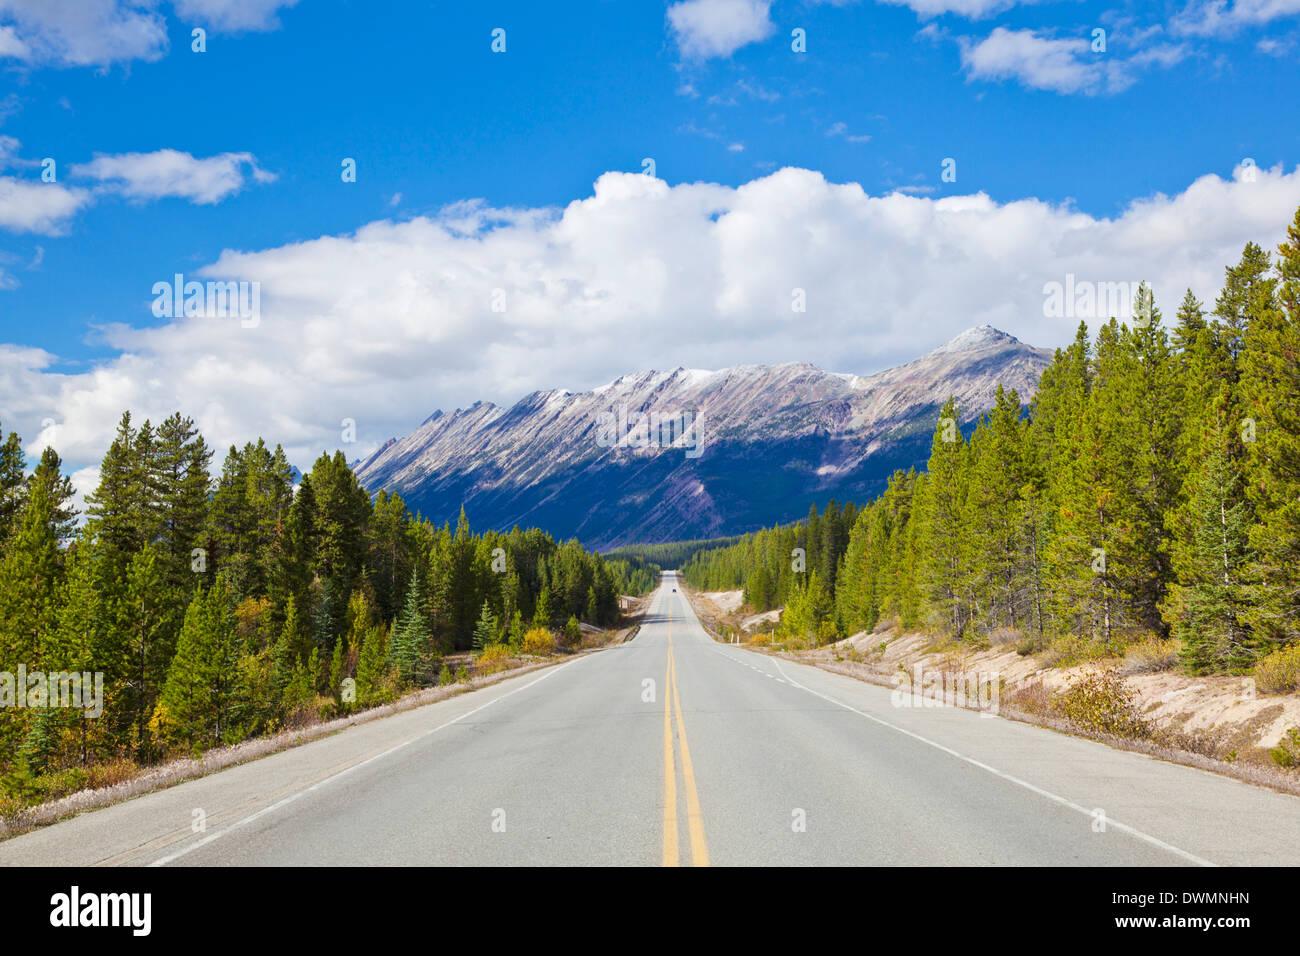 Der Icefields Parkway Straße Autobahn durch Jasper National Park, UNESCO World Heritage Site, Alberta, kanadischen Rocky Mountains, Kanada Stockbild